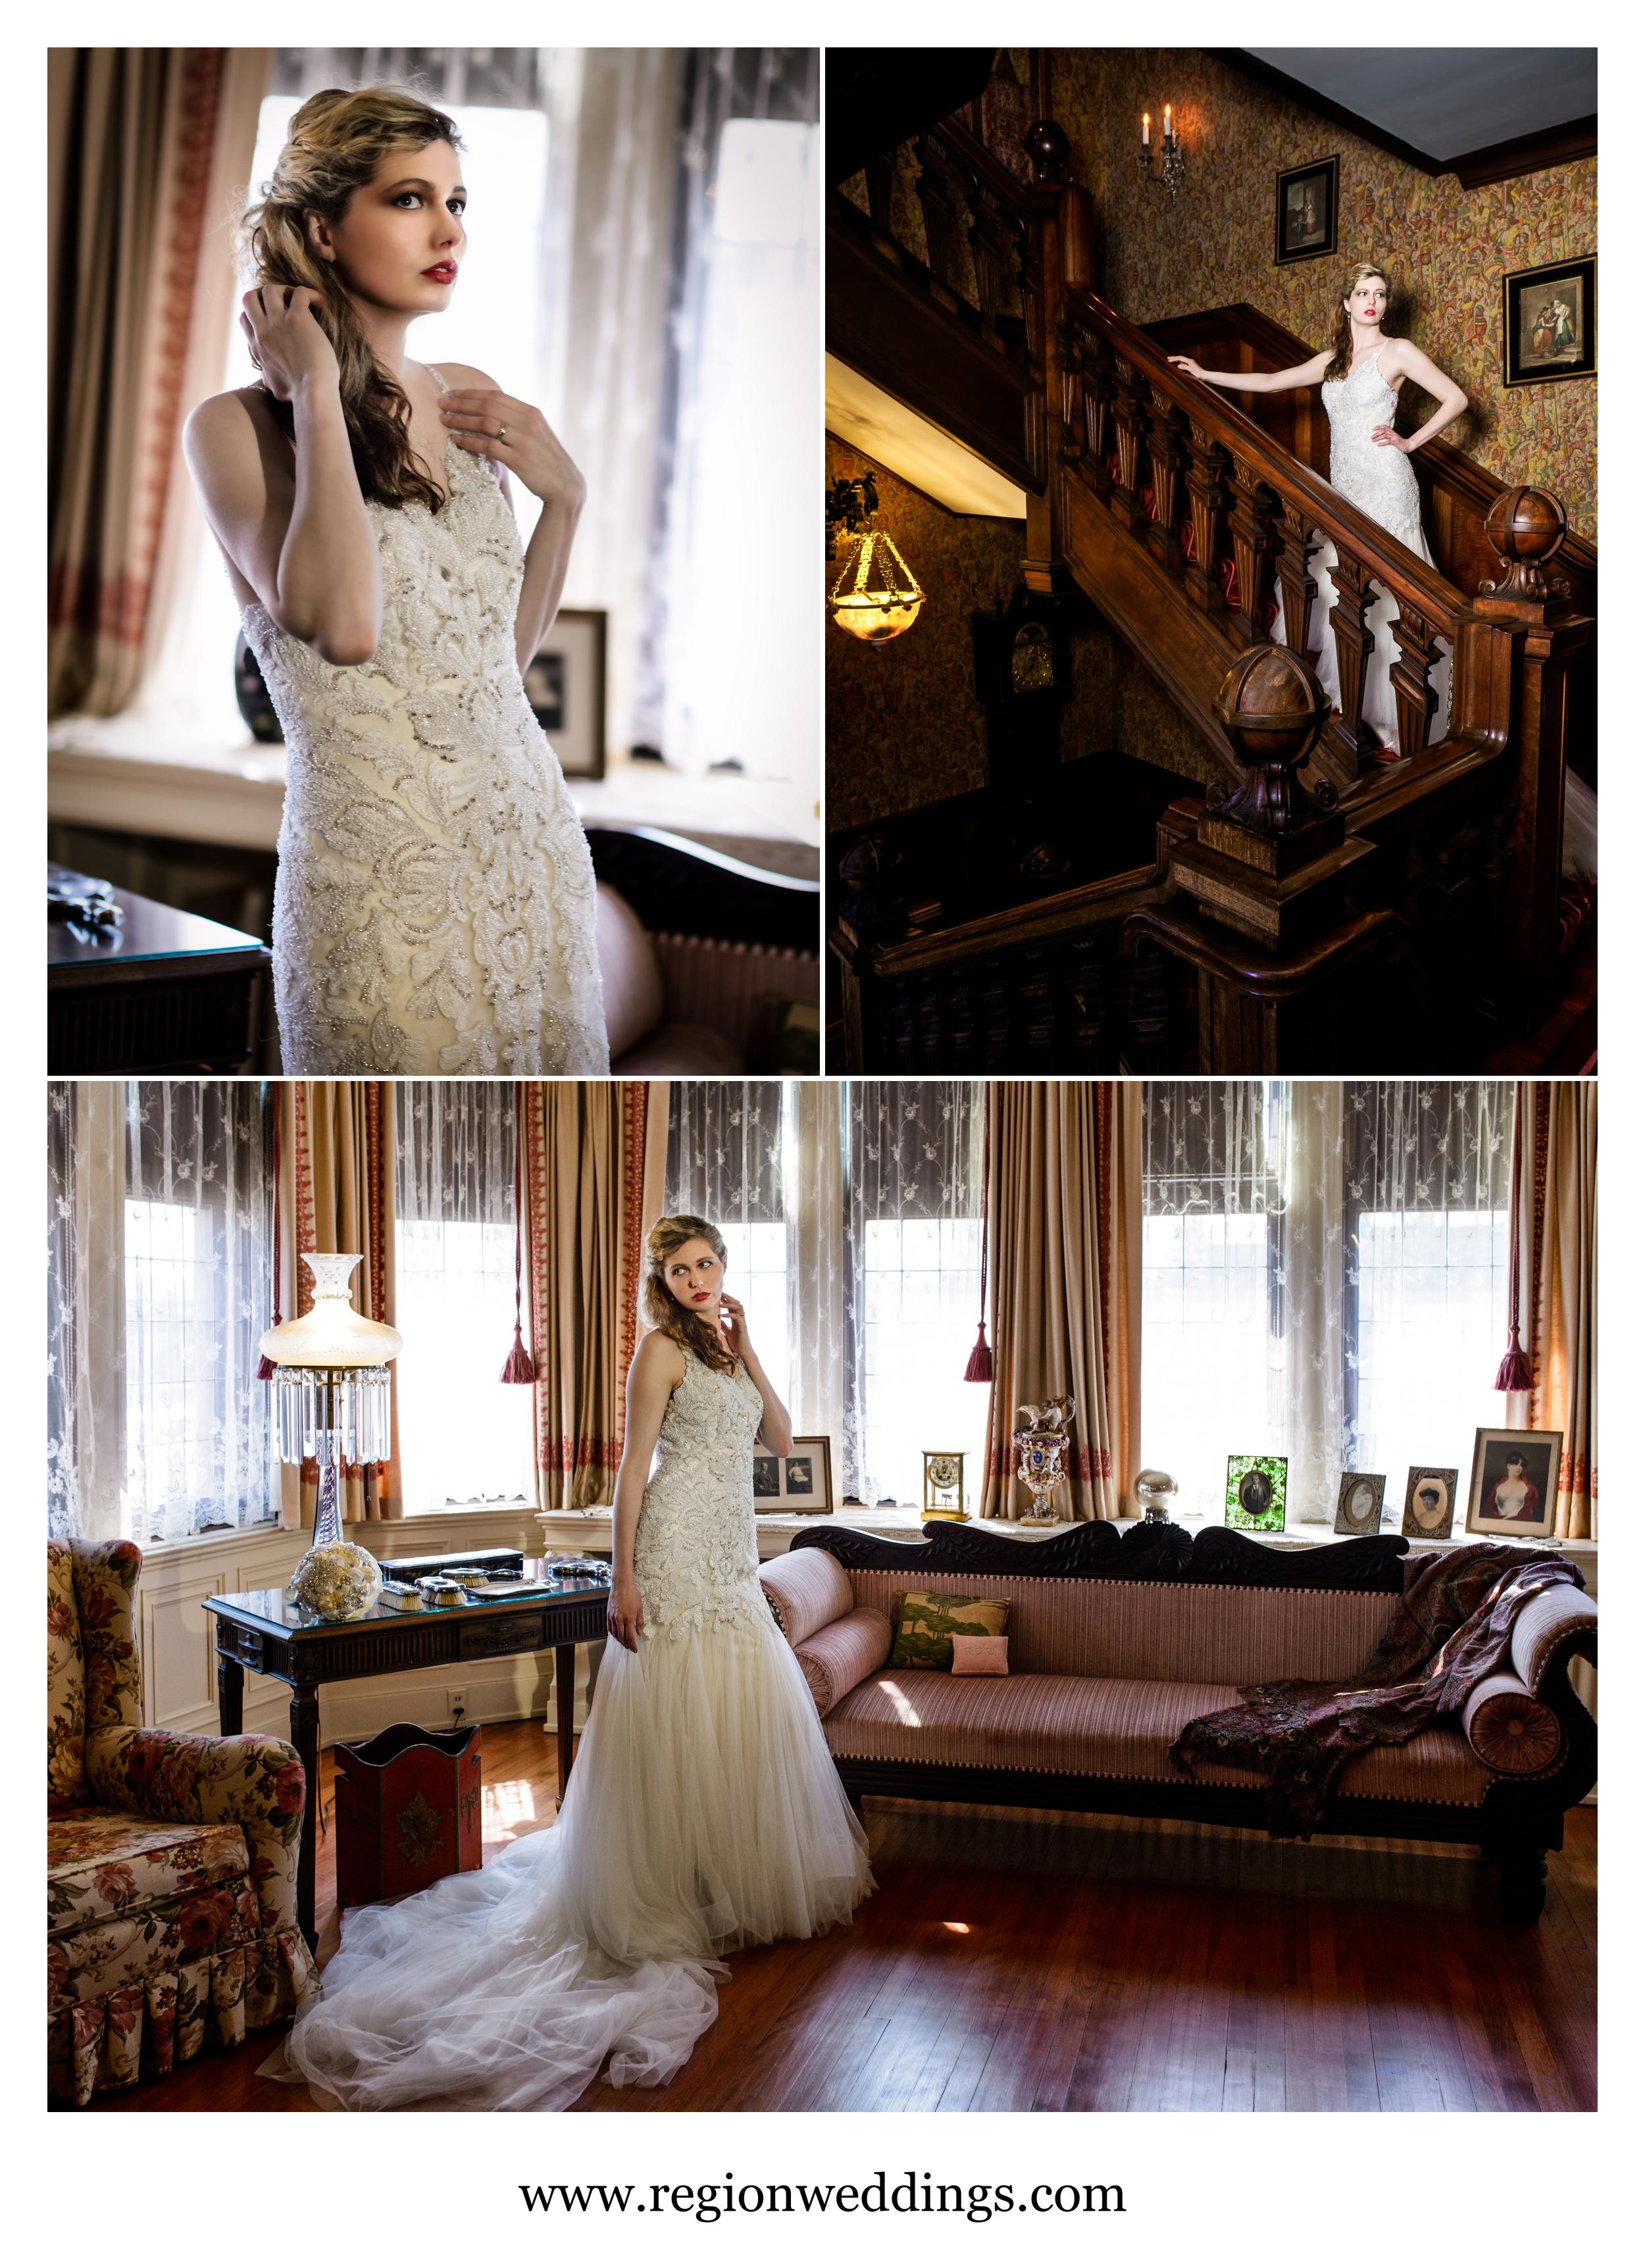 Modern bride meets old world elegance.